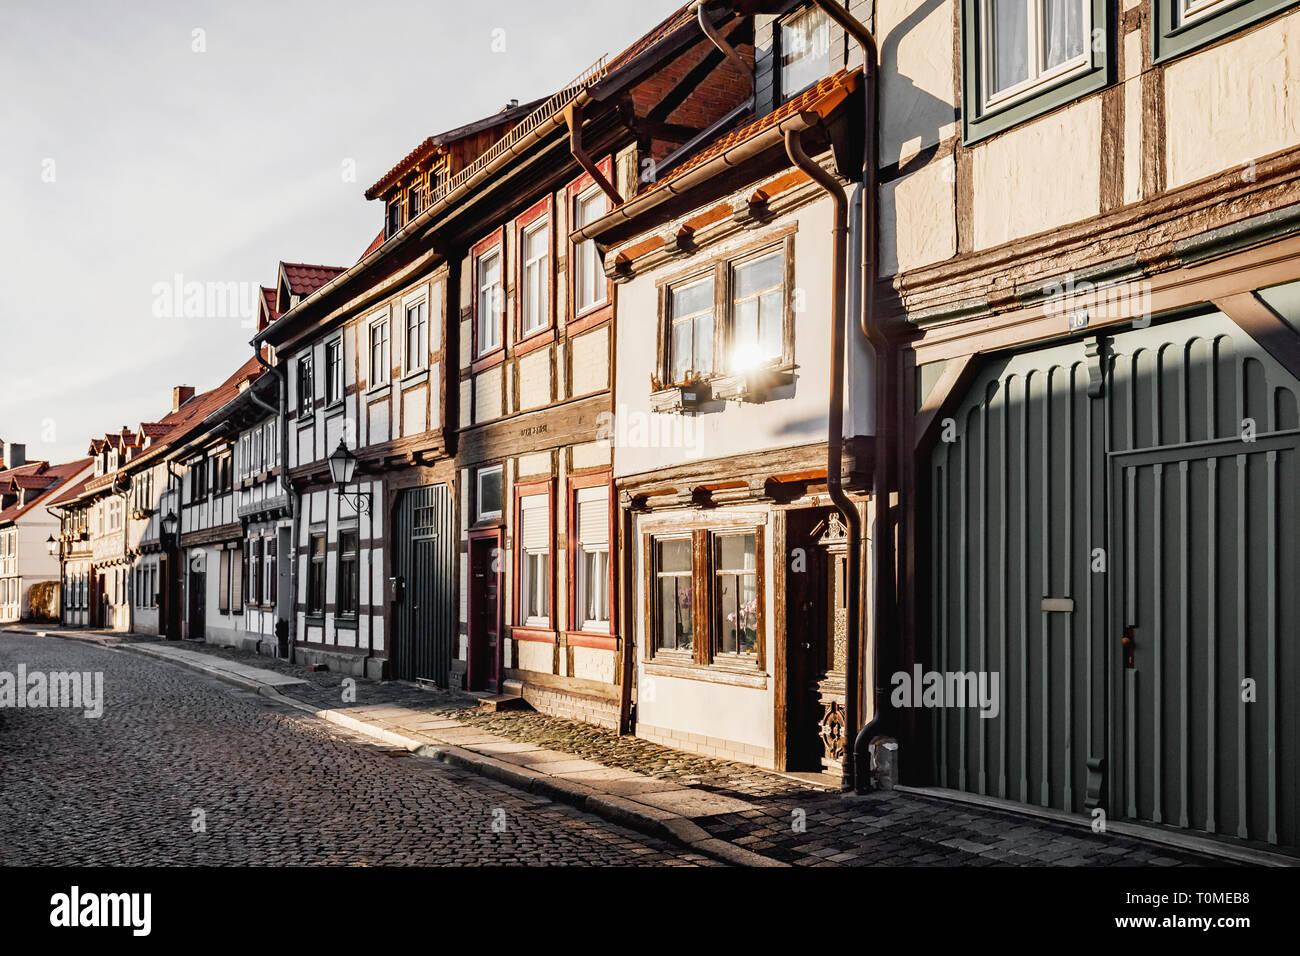 Casas de entramados en Wernigerode en las montañas Harz, en el Estado federado de Sajonia-Anhalt, Alemania Foto de stock